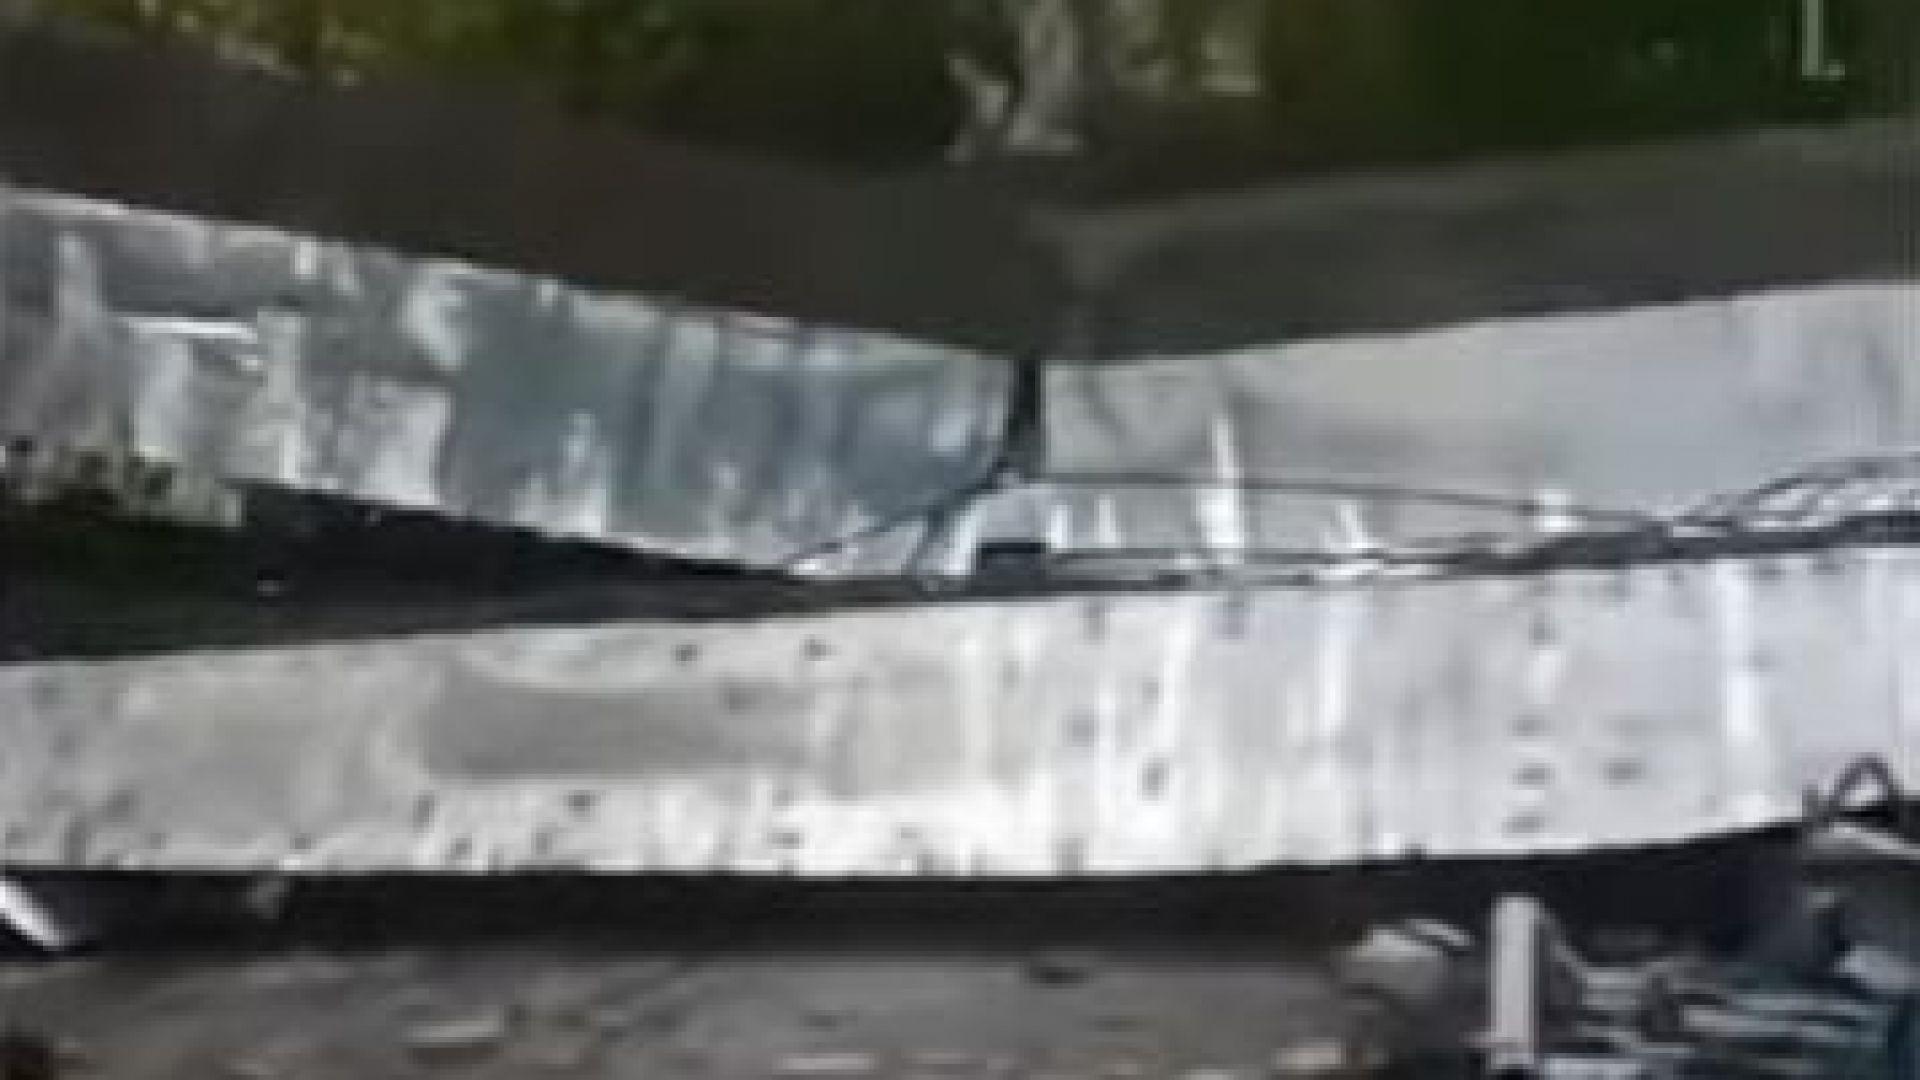 Огромен кран рухна в китайския град Ухан, а при инцидента